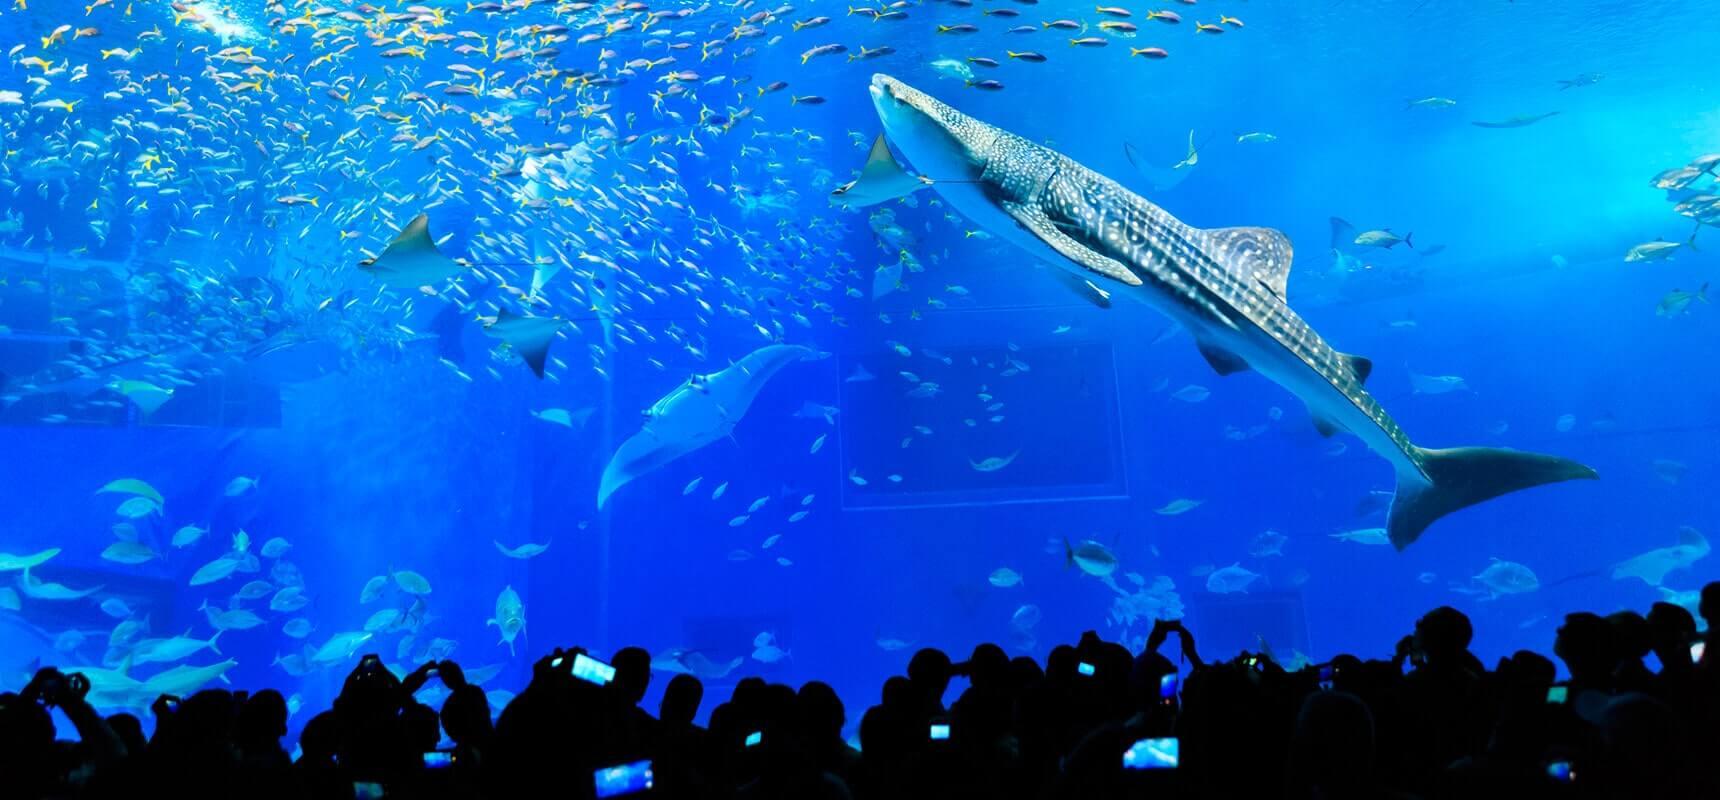 緊緊抓住小朋友的心!沖繩美麗海水族館攻略法